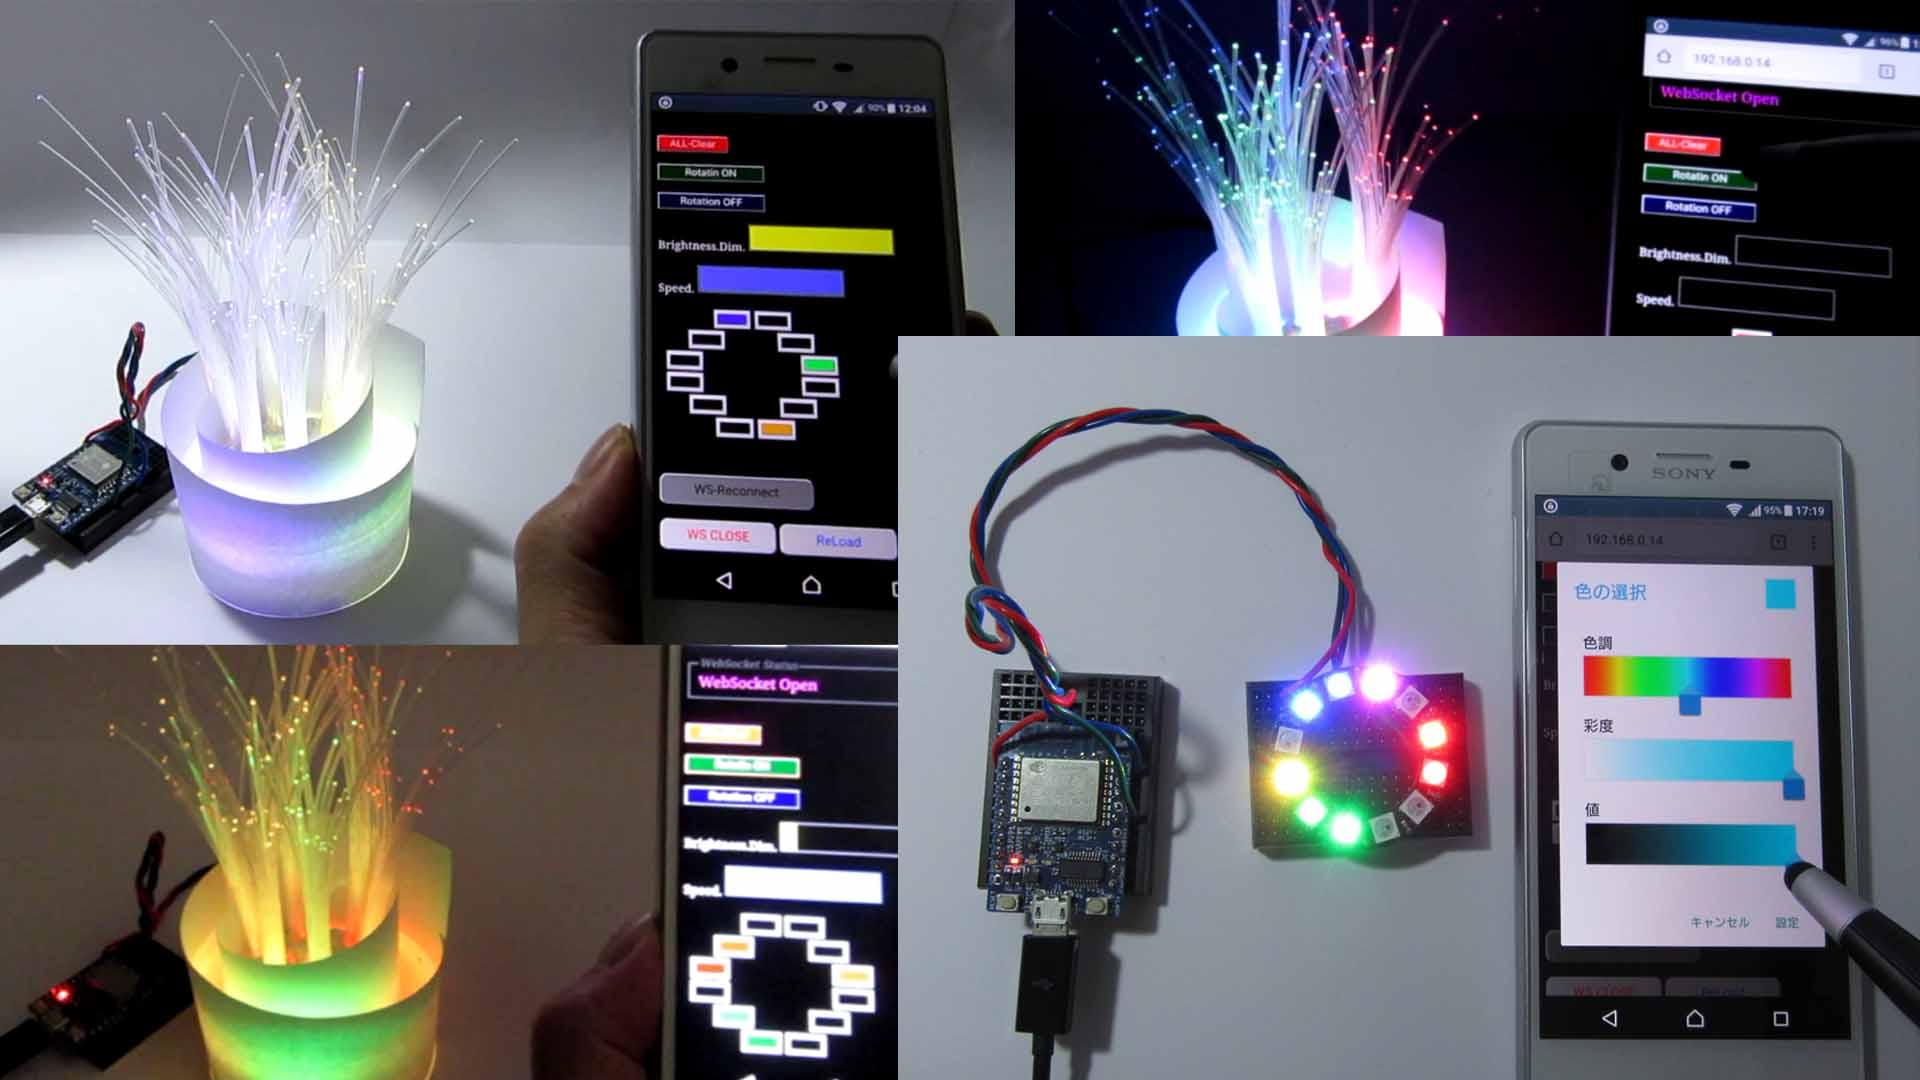 オブジェの LED カラー を スマホ ブラウザ で WiFi リアルタイム コントロール してみた